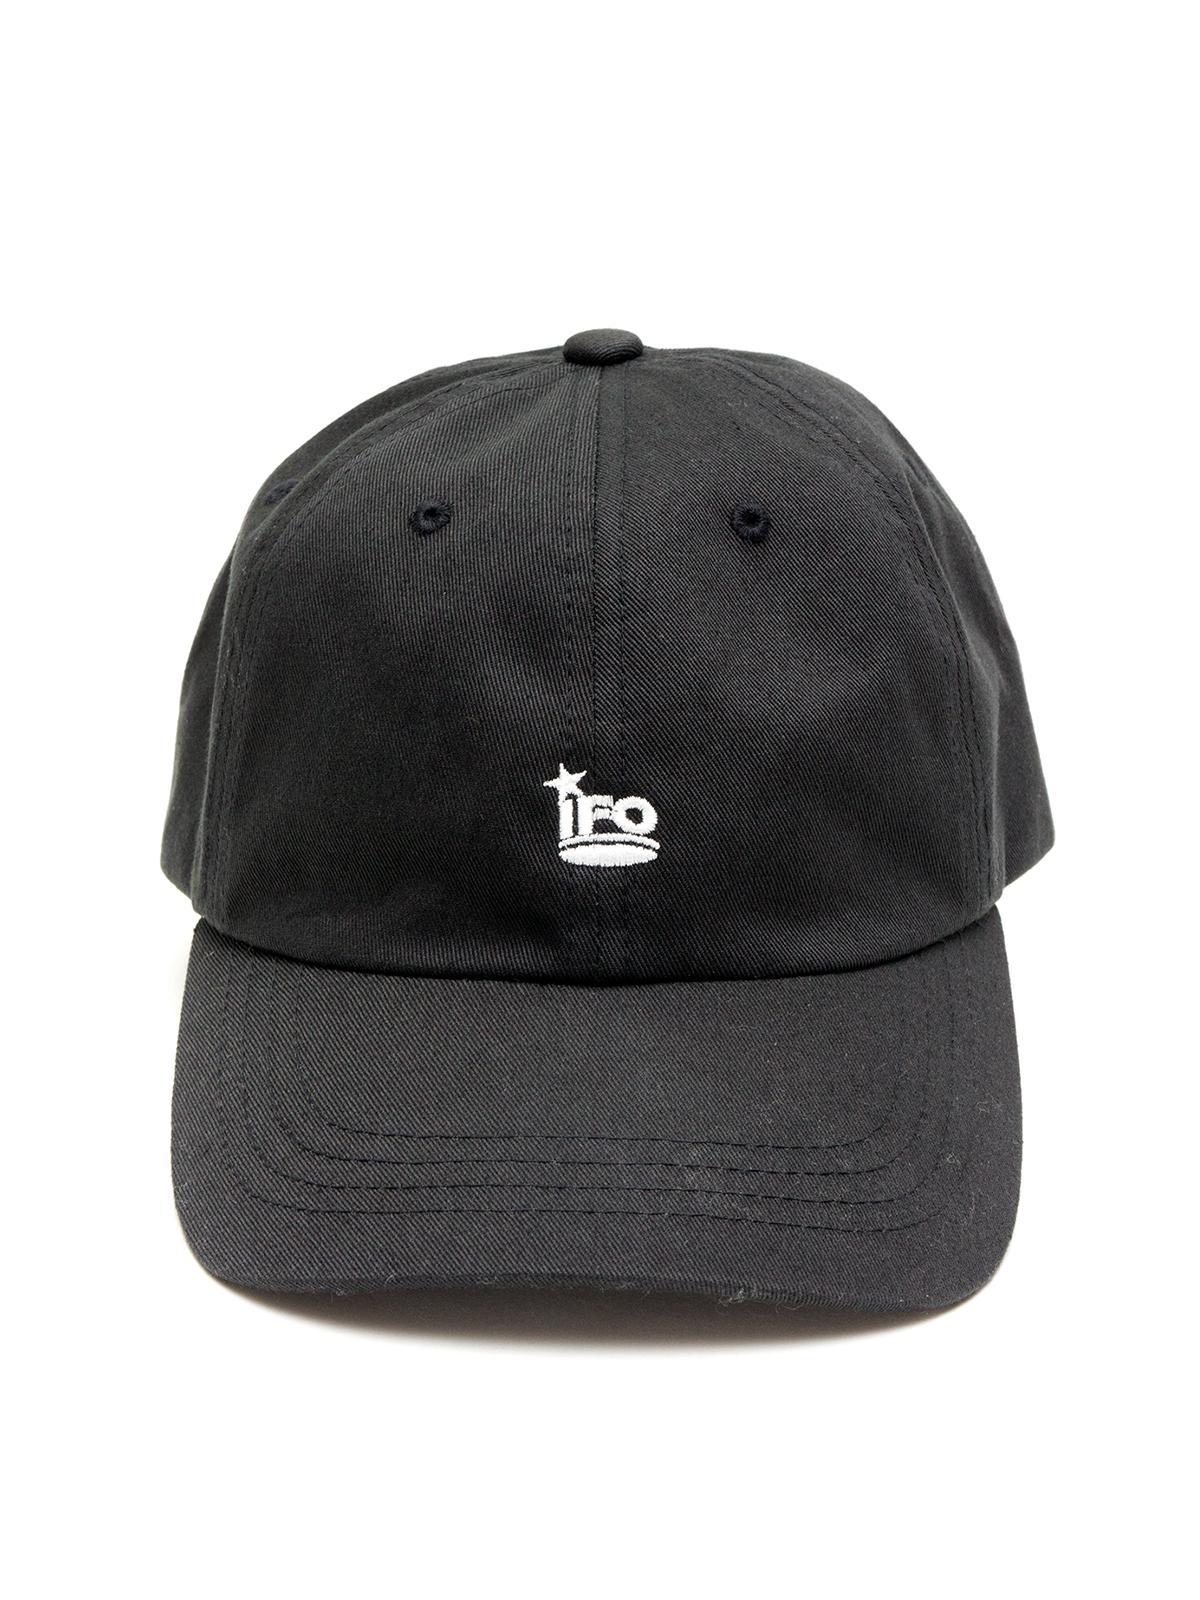 classic-dat-cap-black_shop_1